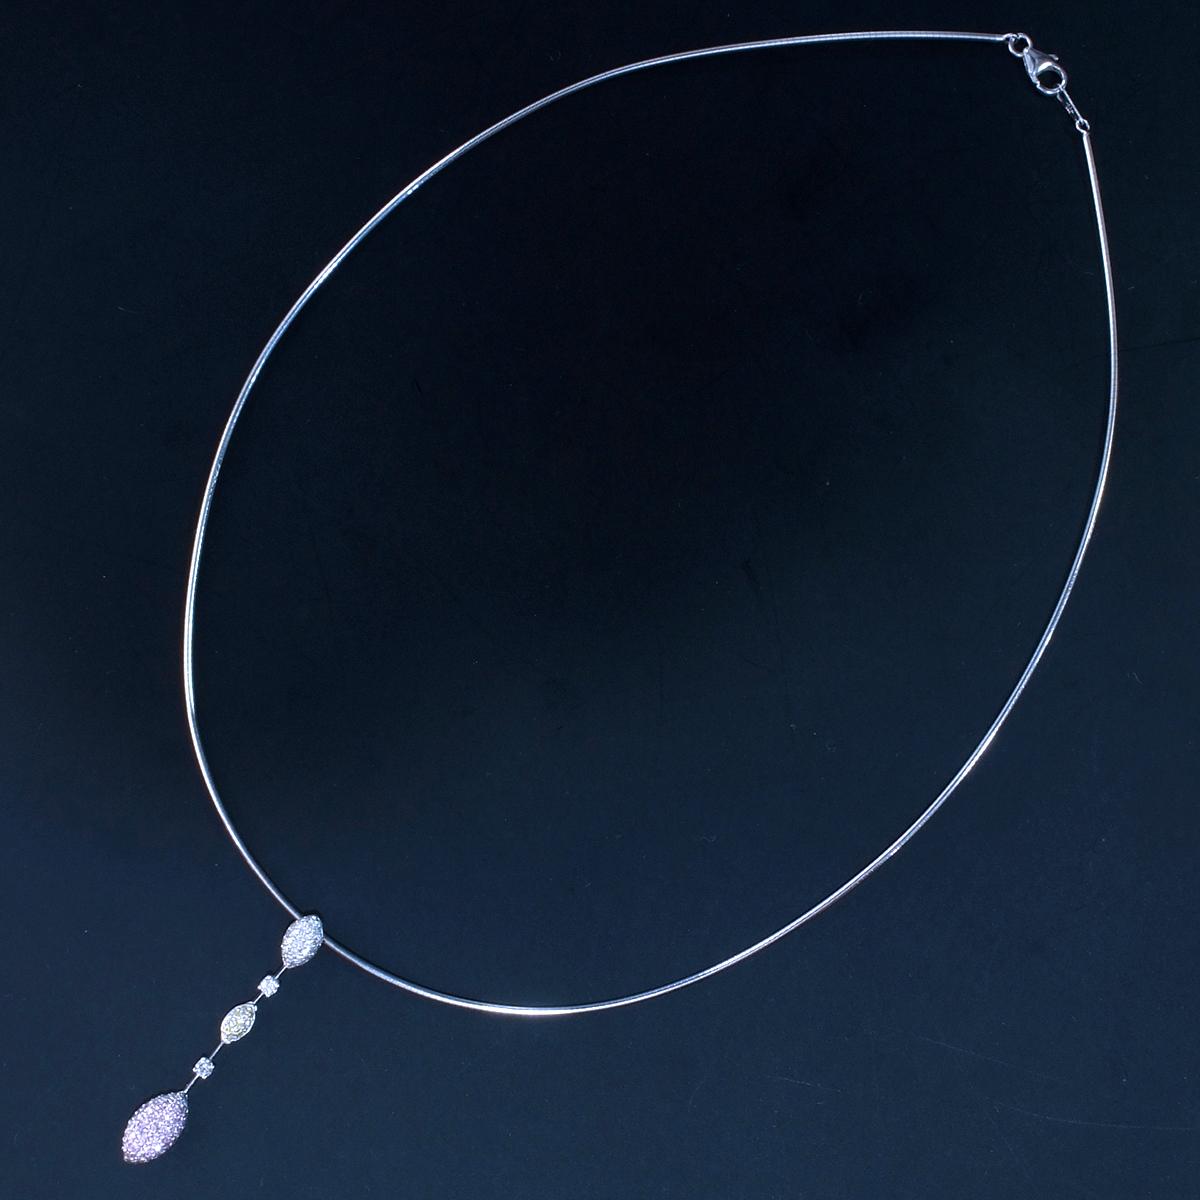 E9854 天然ピンク、イエロー、カラーレスダイヤモンド0.75ct 最高級18金WG無垢オメガネックレス_画像5